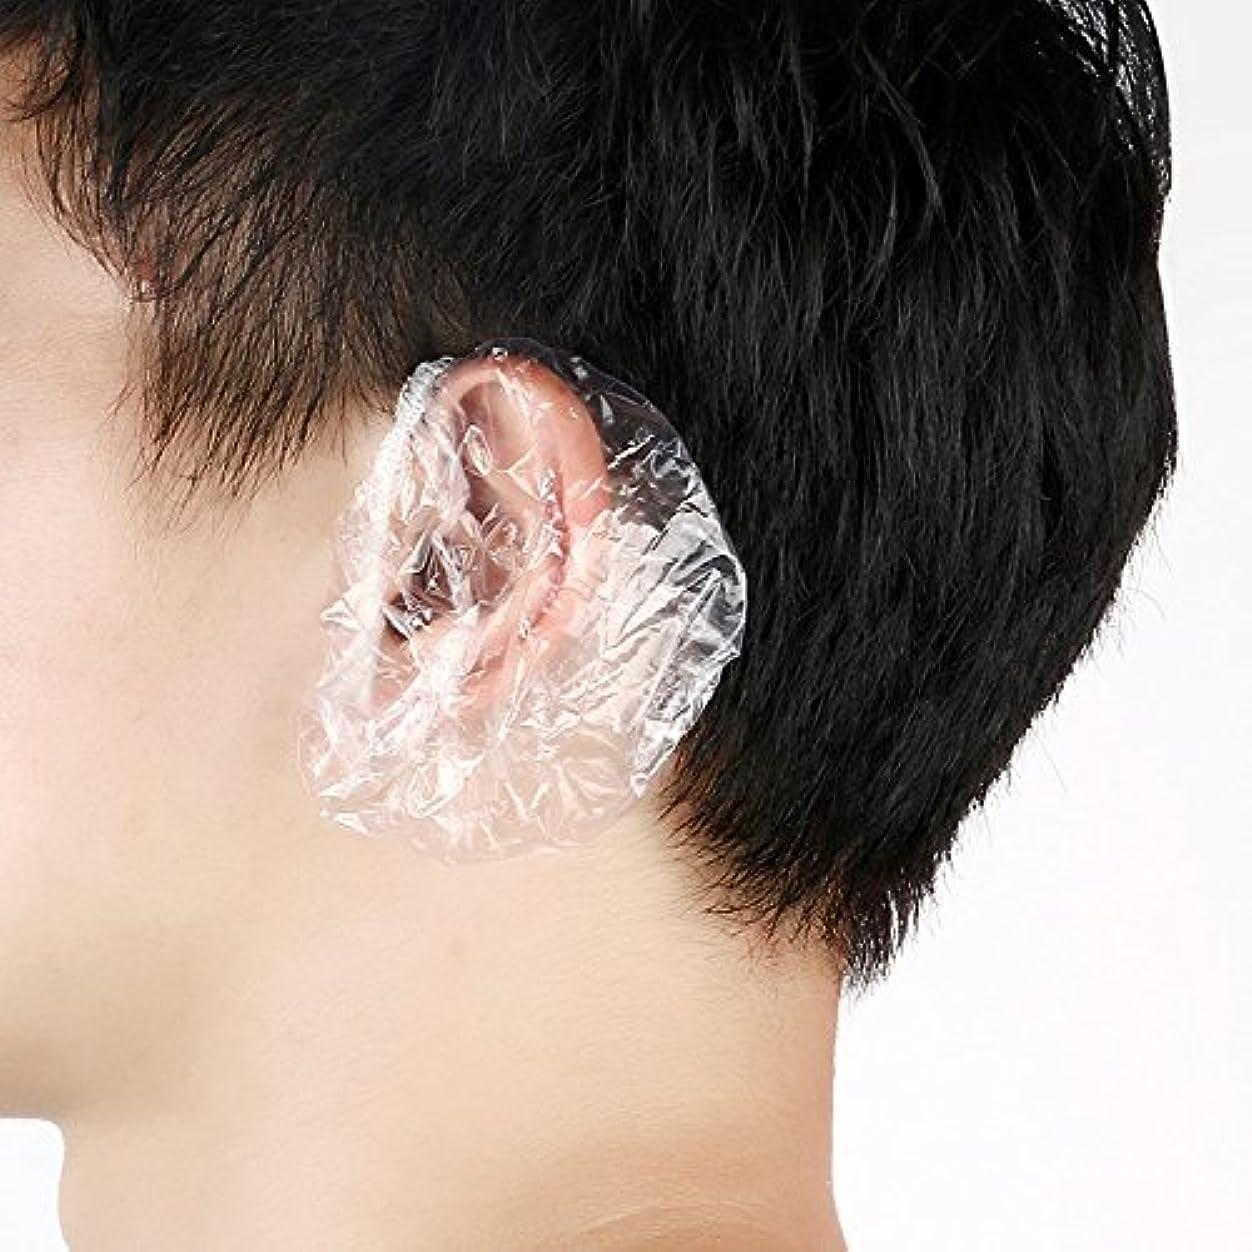 サイドボード常に通貨AMAA 耳キャップ 毛染め用 耳カバー  使い捨て 衛生的 袋入 100枚入り